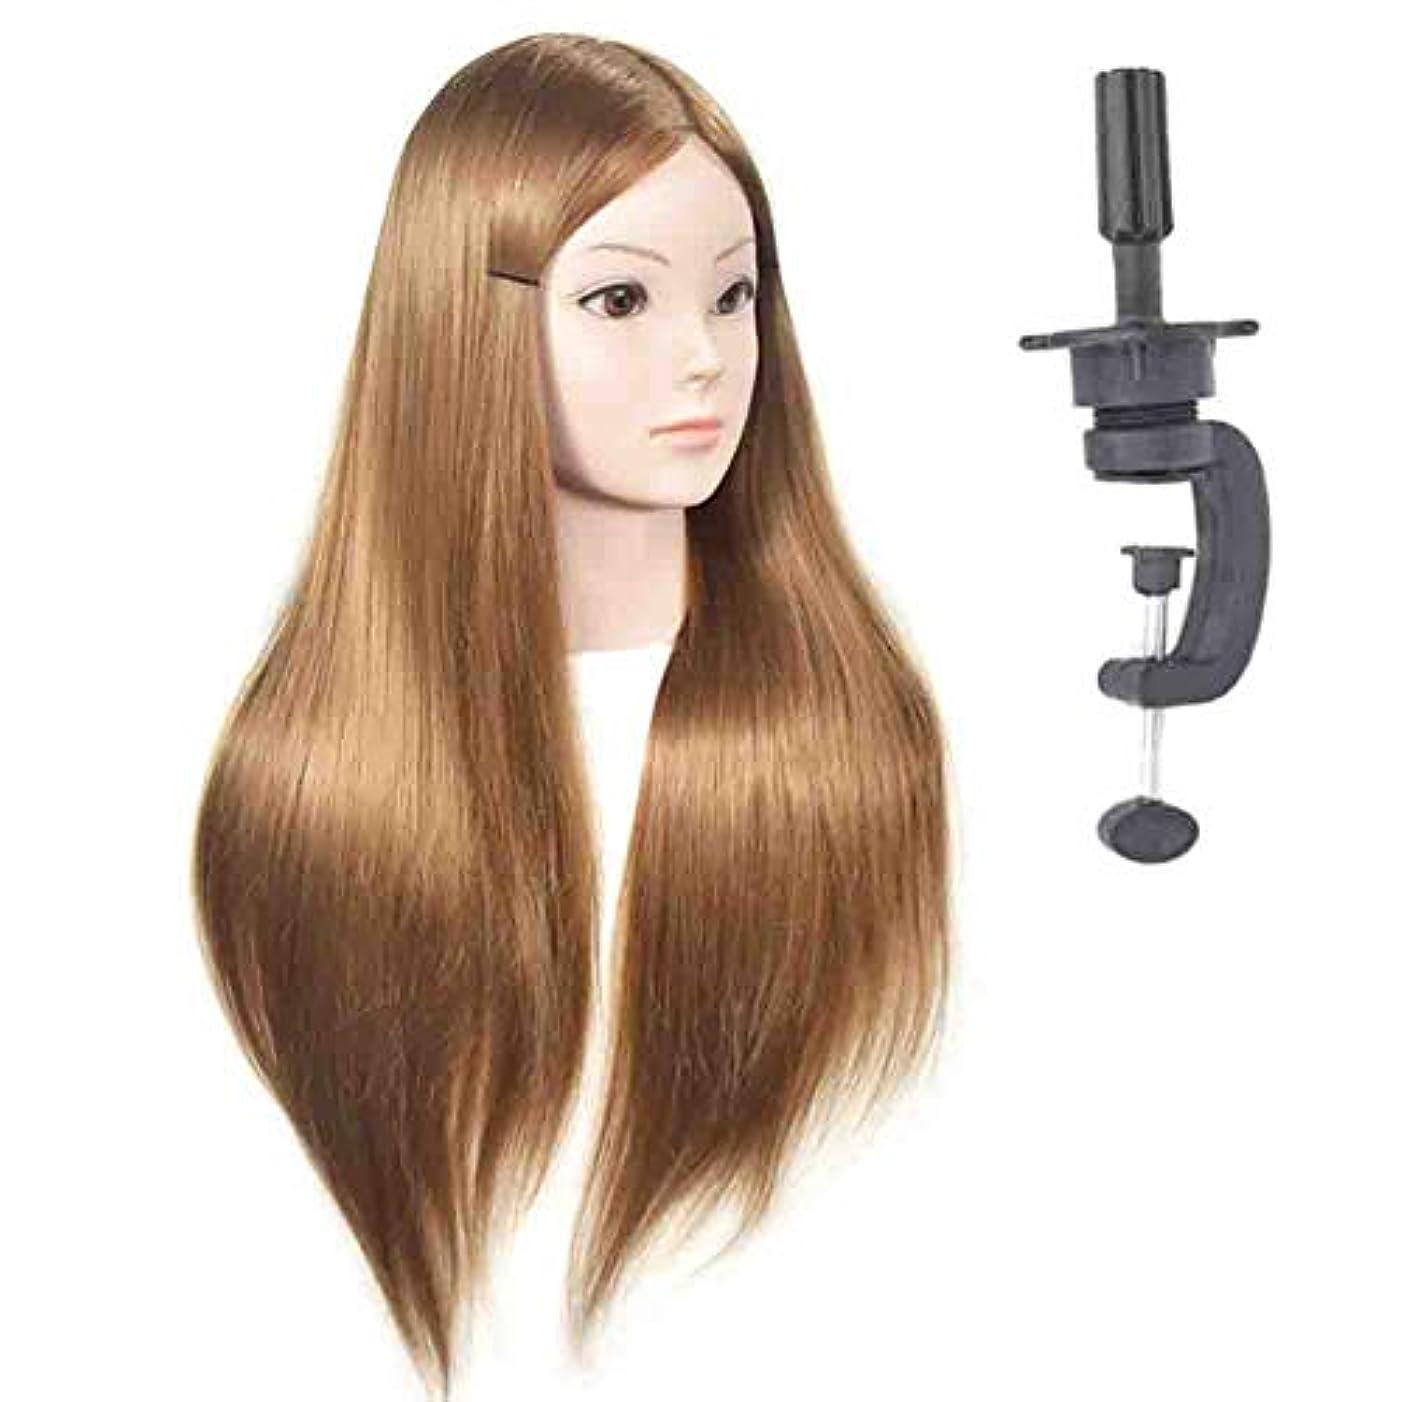 けん引治す繁殖ゴールデンプラクティスマネキンヘッドブライダルメイクスタイリングプラクティスダミーヘッドヘアサロン散髪指導ヘッドは染めることができます漂白